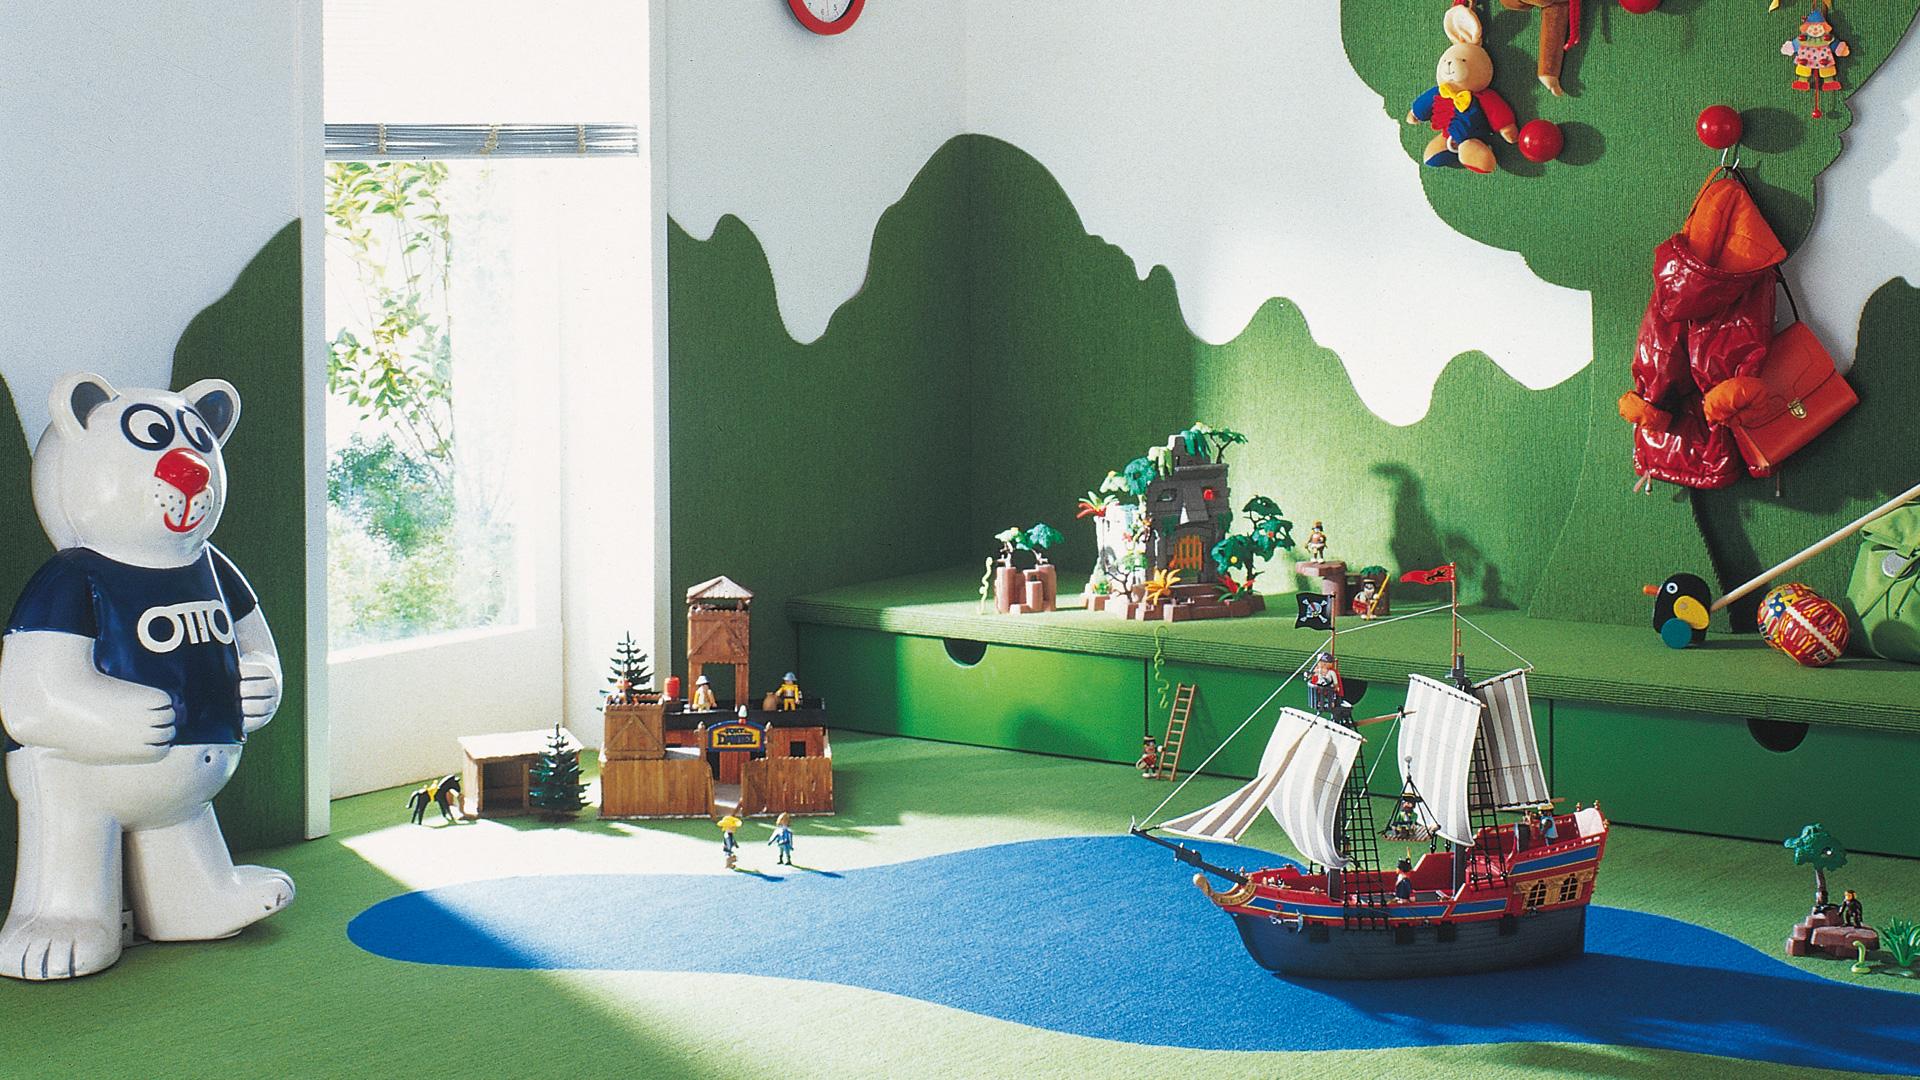 Farbe 514 Tretford Teppichboden Ever 2 Meter Breit vorgegebene Gr/ö/ßen Gr/ö/ße 150cm